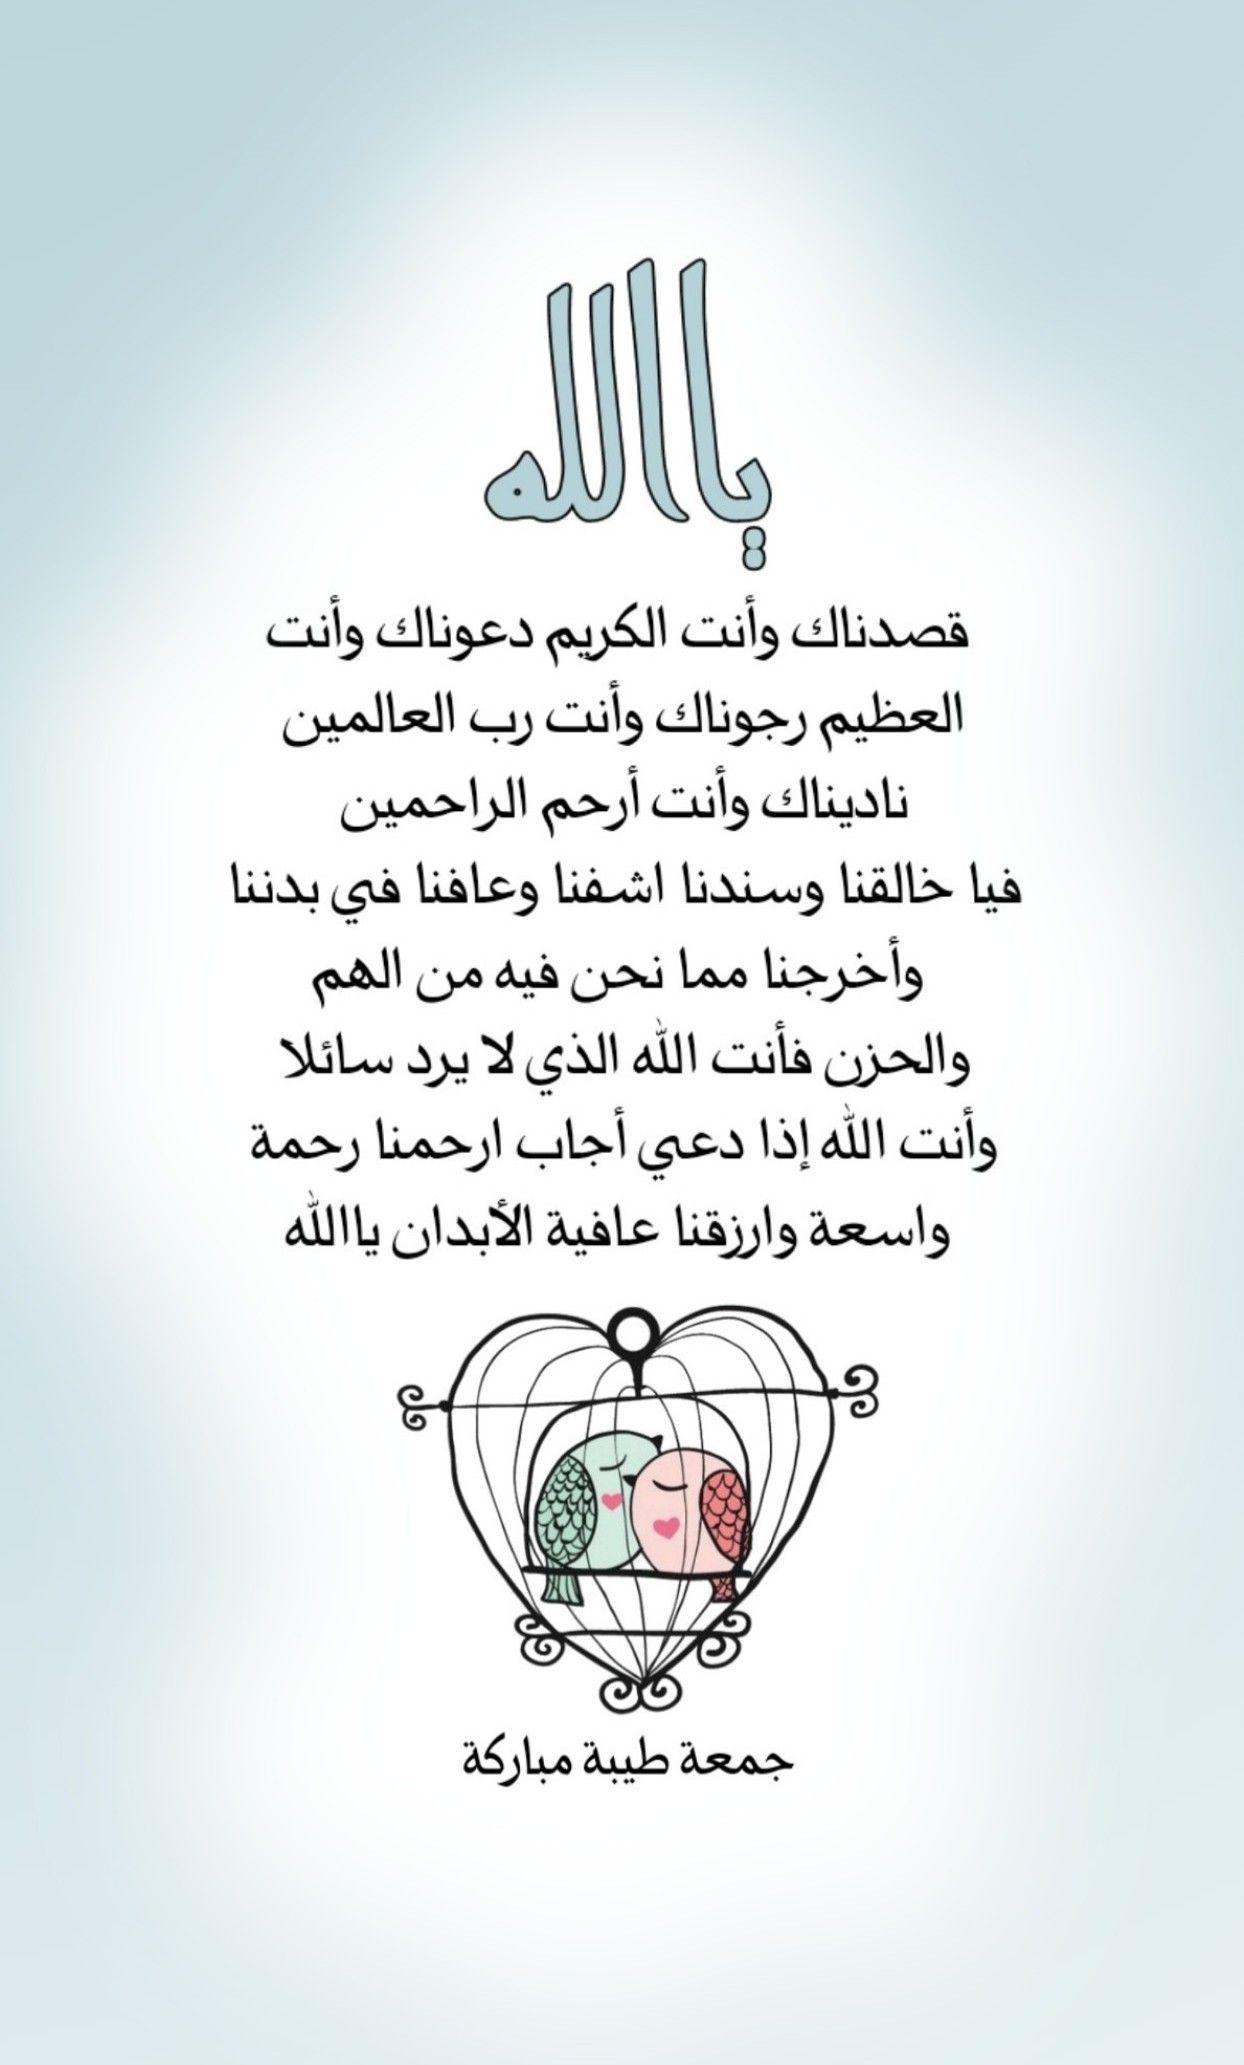 ياالله قصدناك وأنت الكريم دعوناك وأنت العظيم رجوناك وأنت رب العالمين ناديناك وأنت أرحم الراحمين فيا خا Quran Quotes Its Friday Quotes Quran Quotes Love